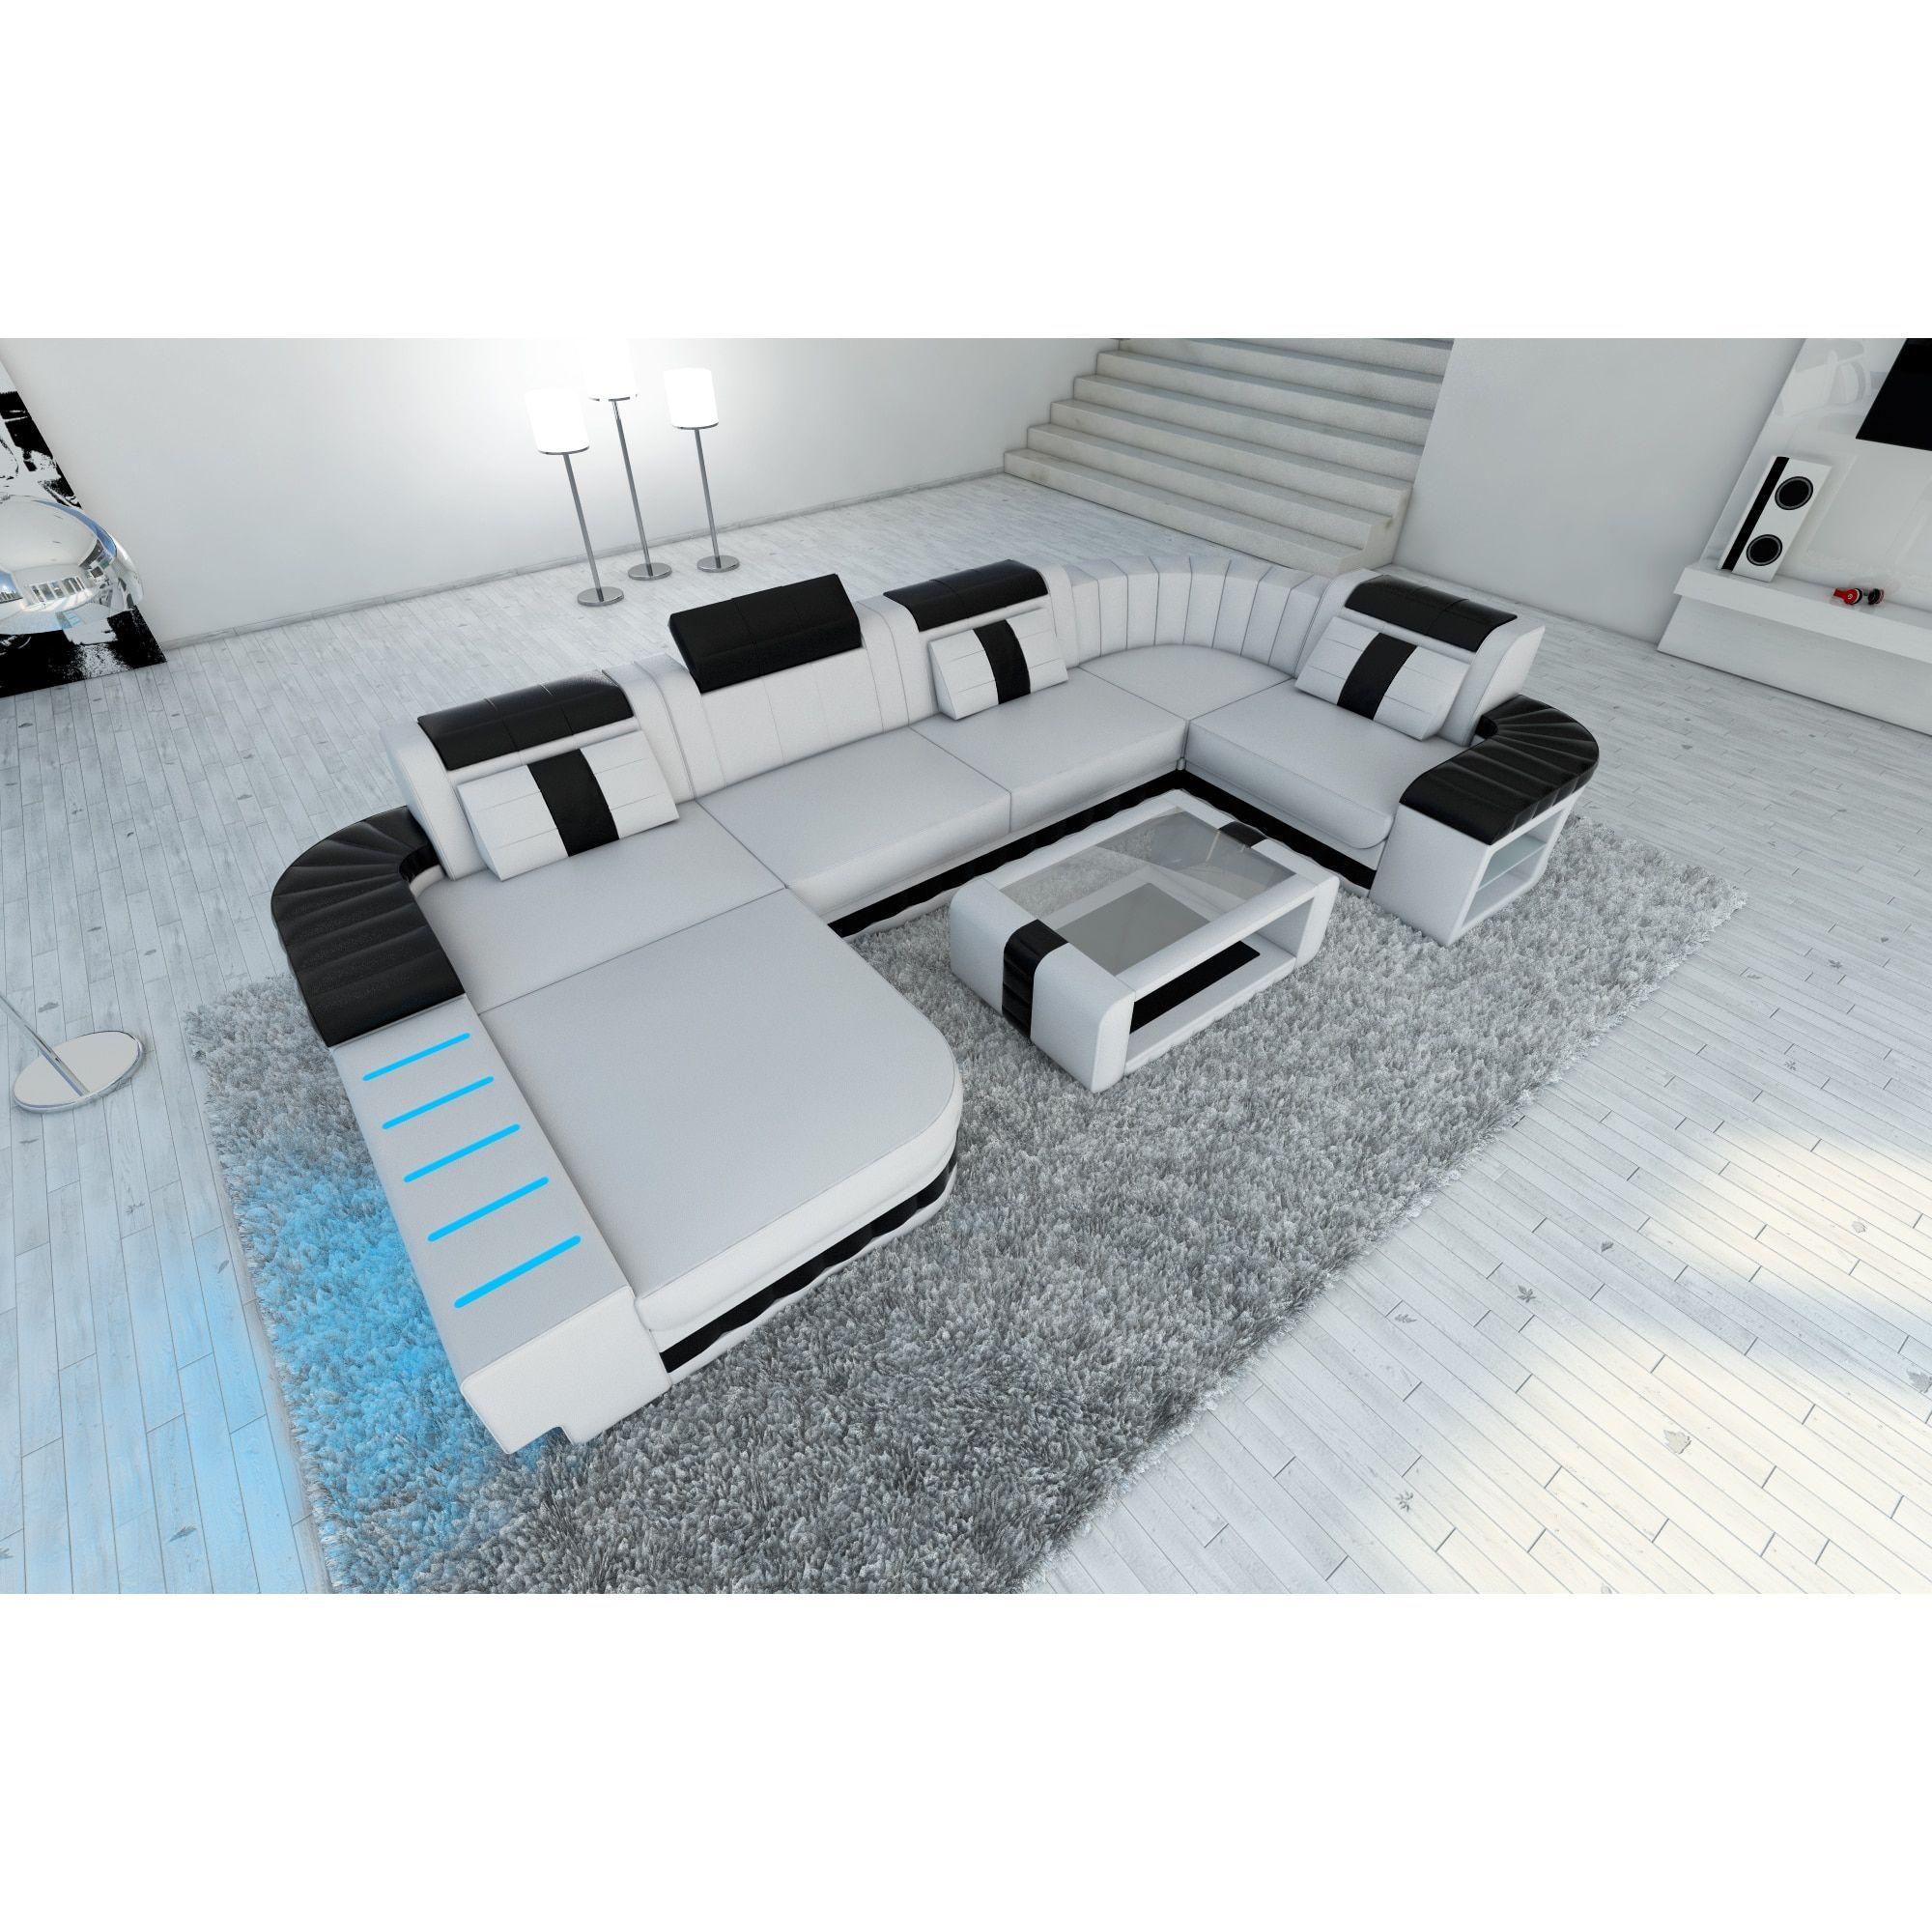 sectional sofas boston leather sofa ottawa led lights white u shaped